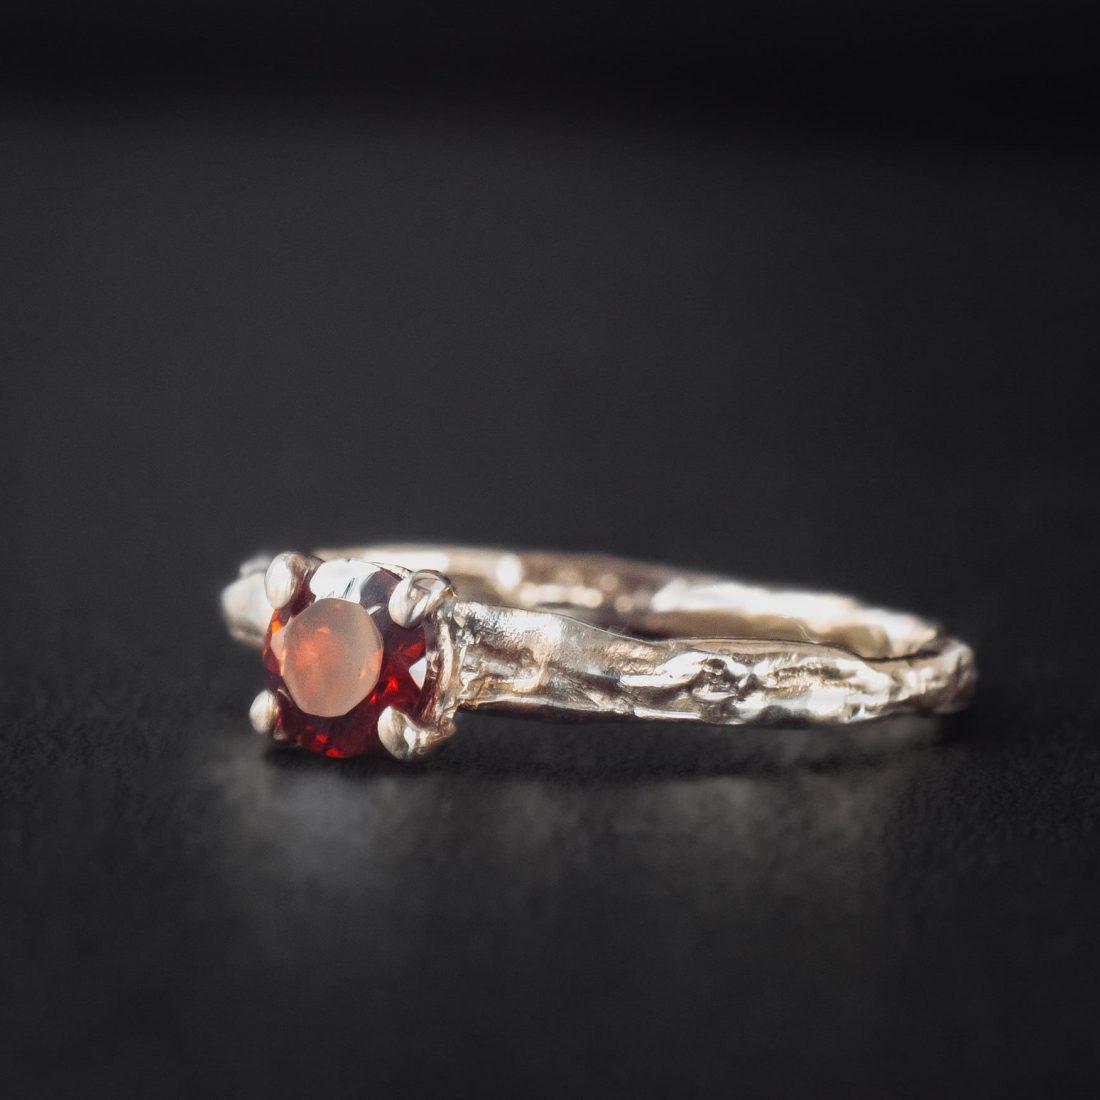 Кольцо текстурное с камнем 5 мм, позолота 1